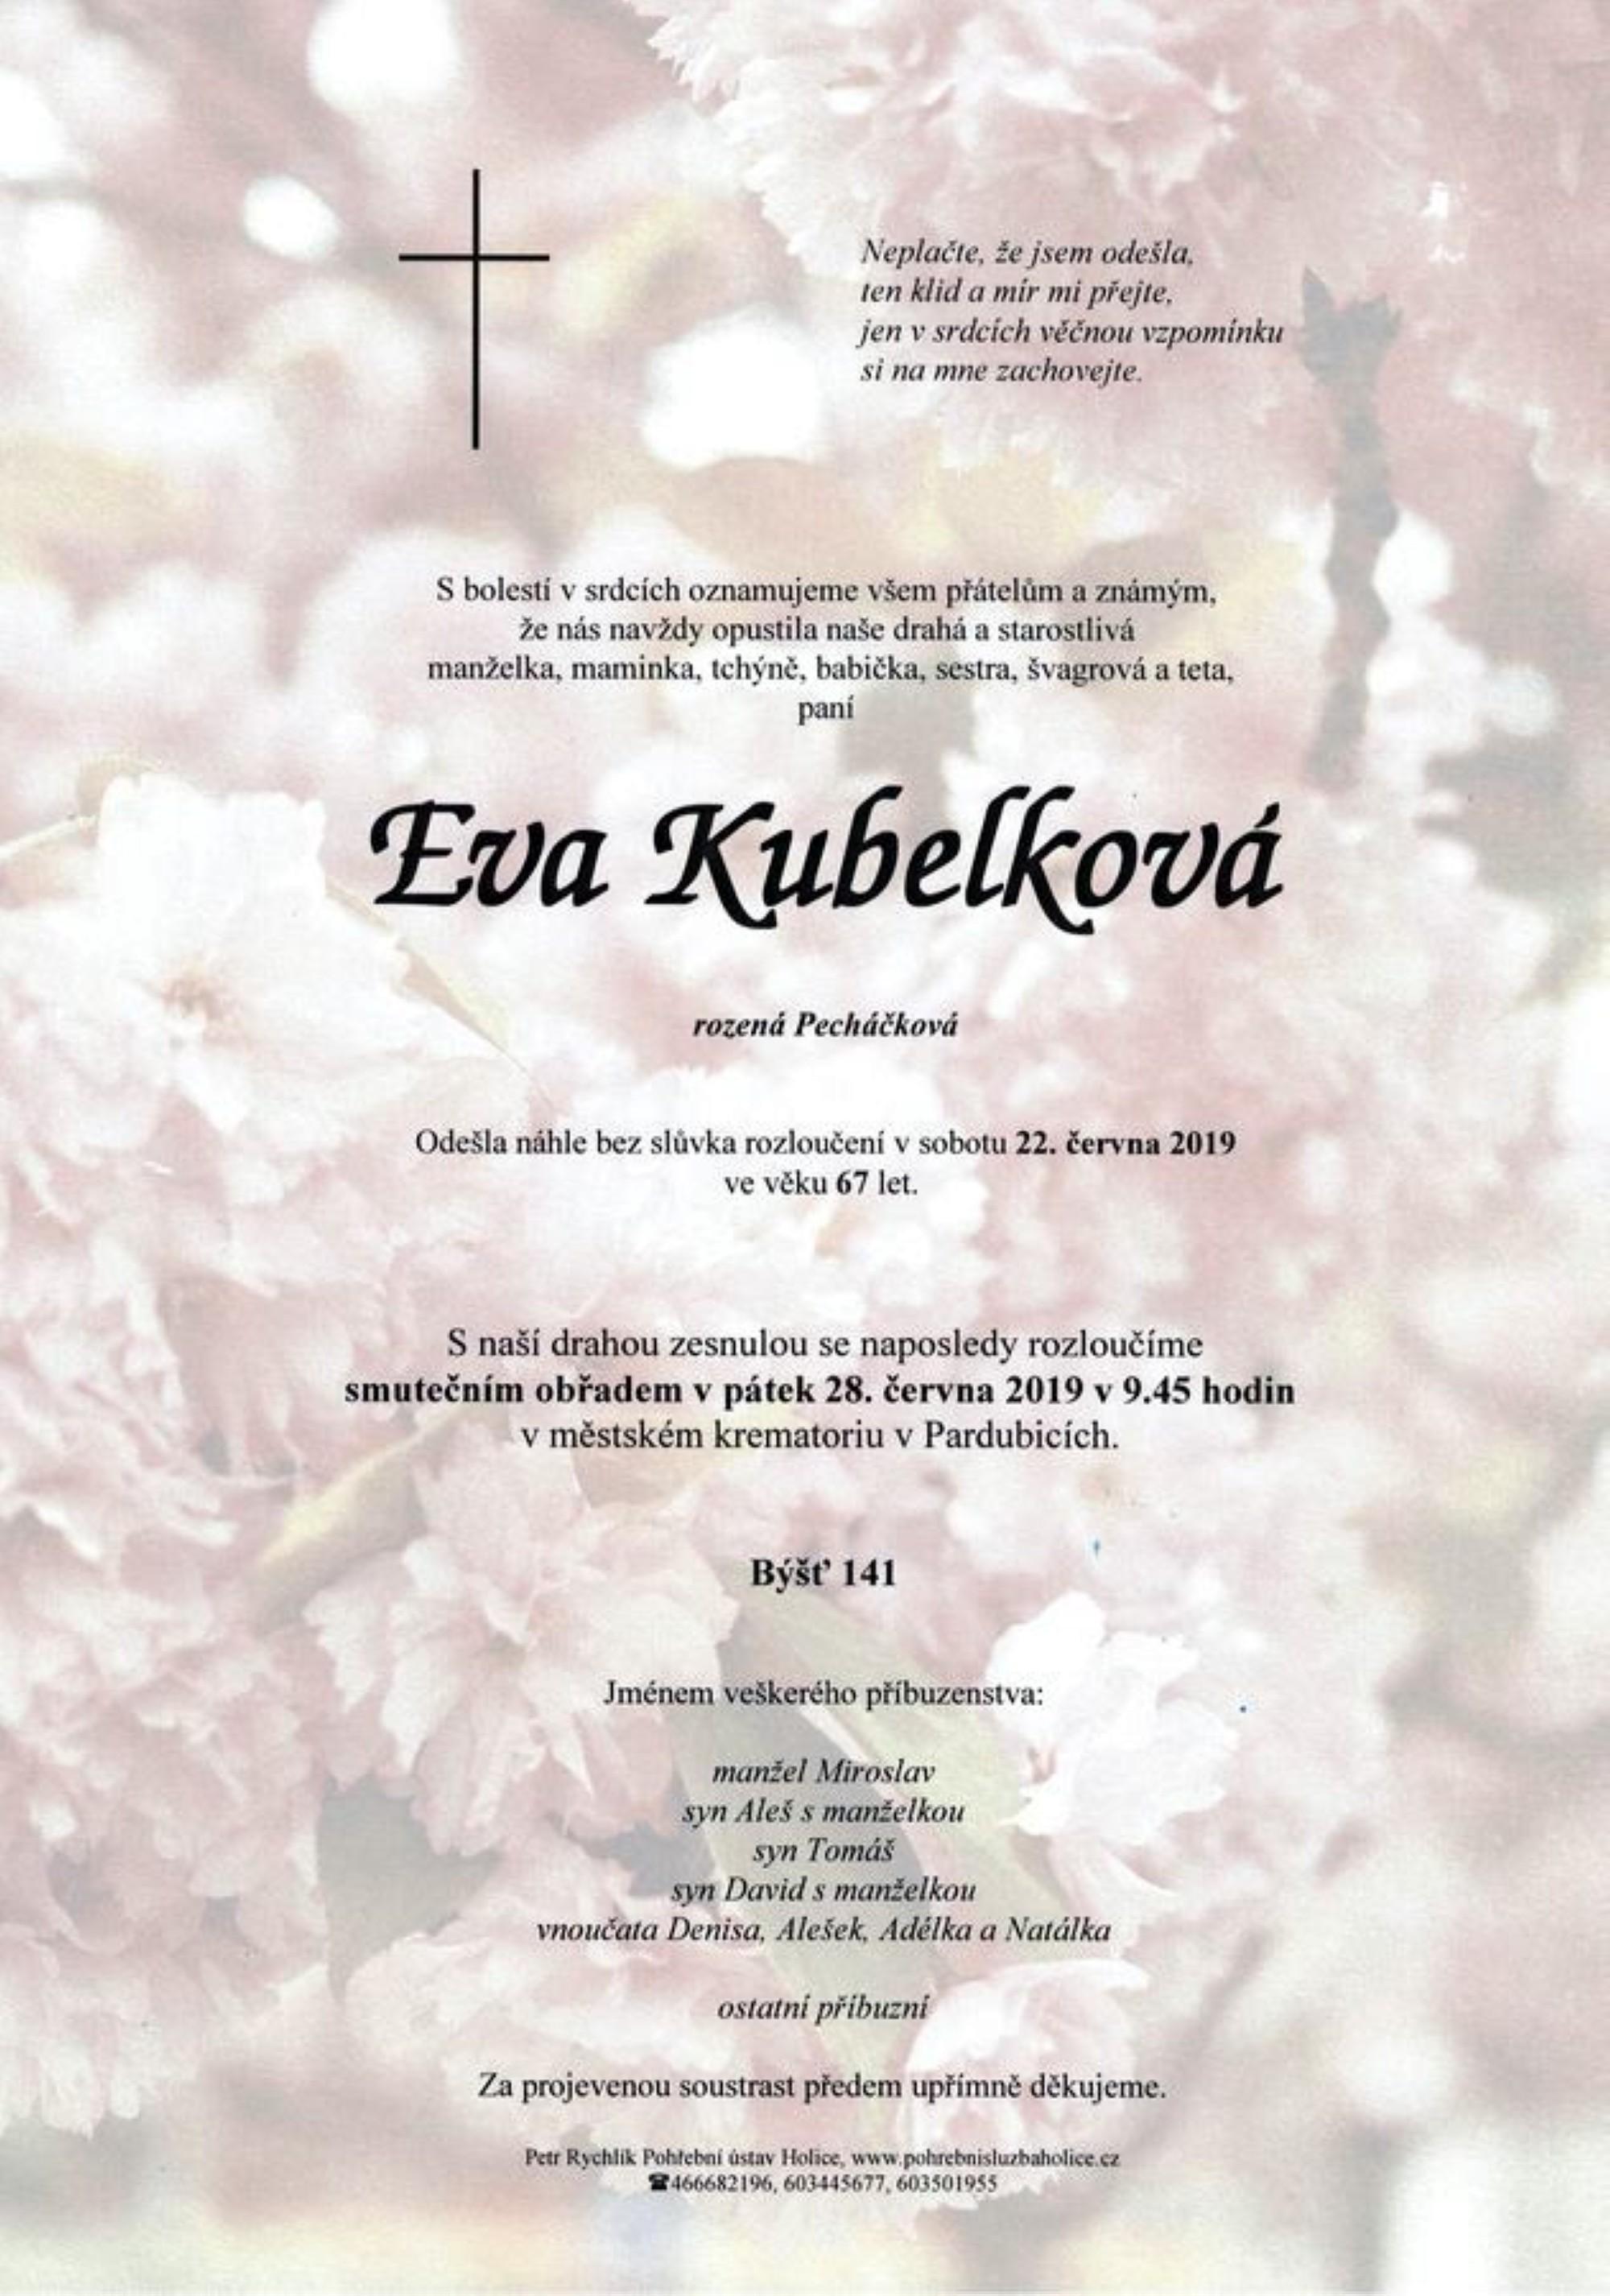 Eva Kubelková